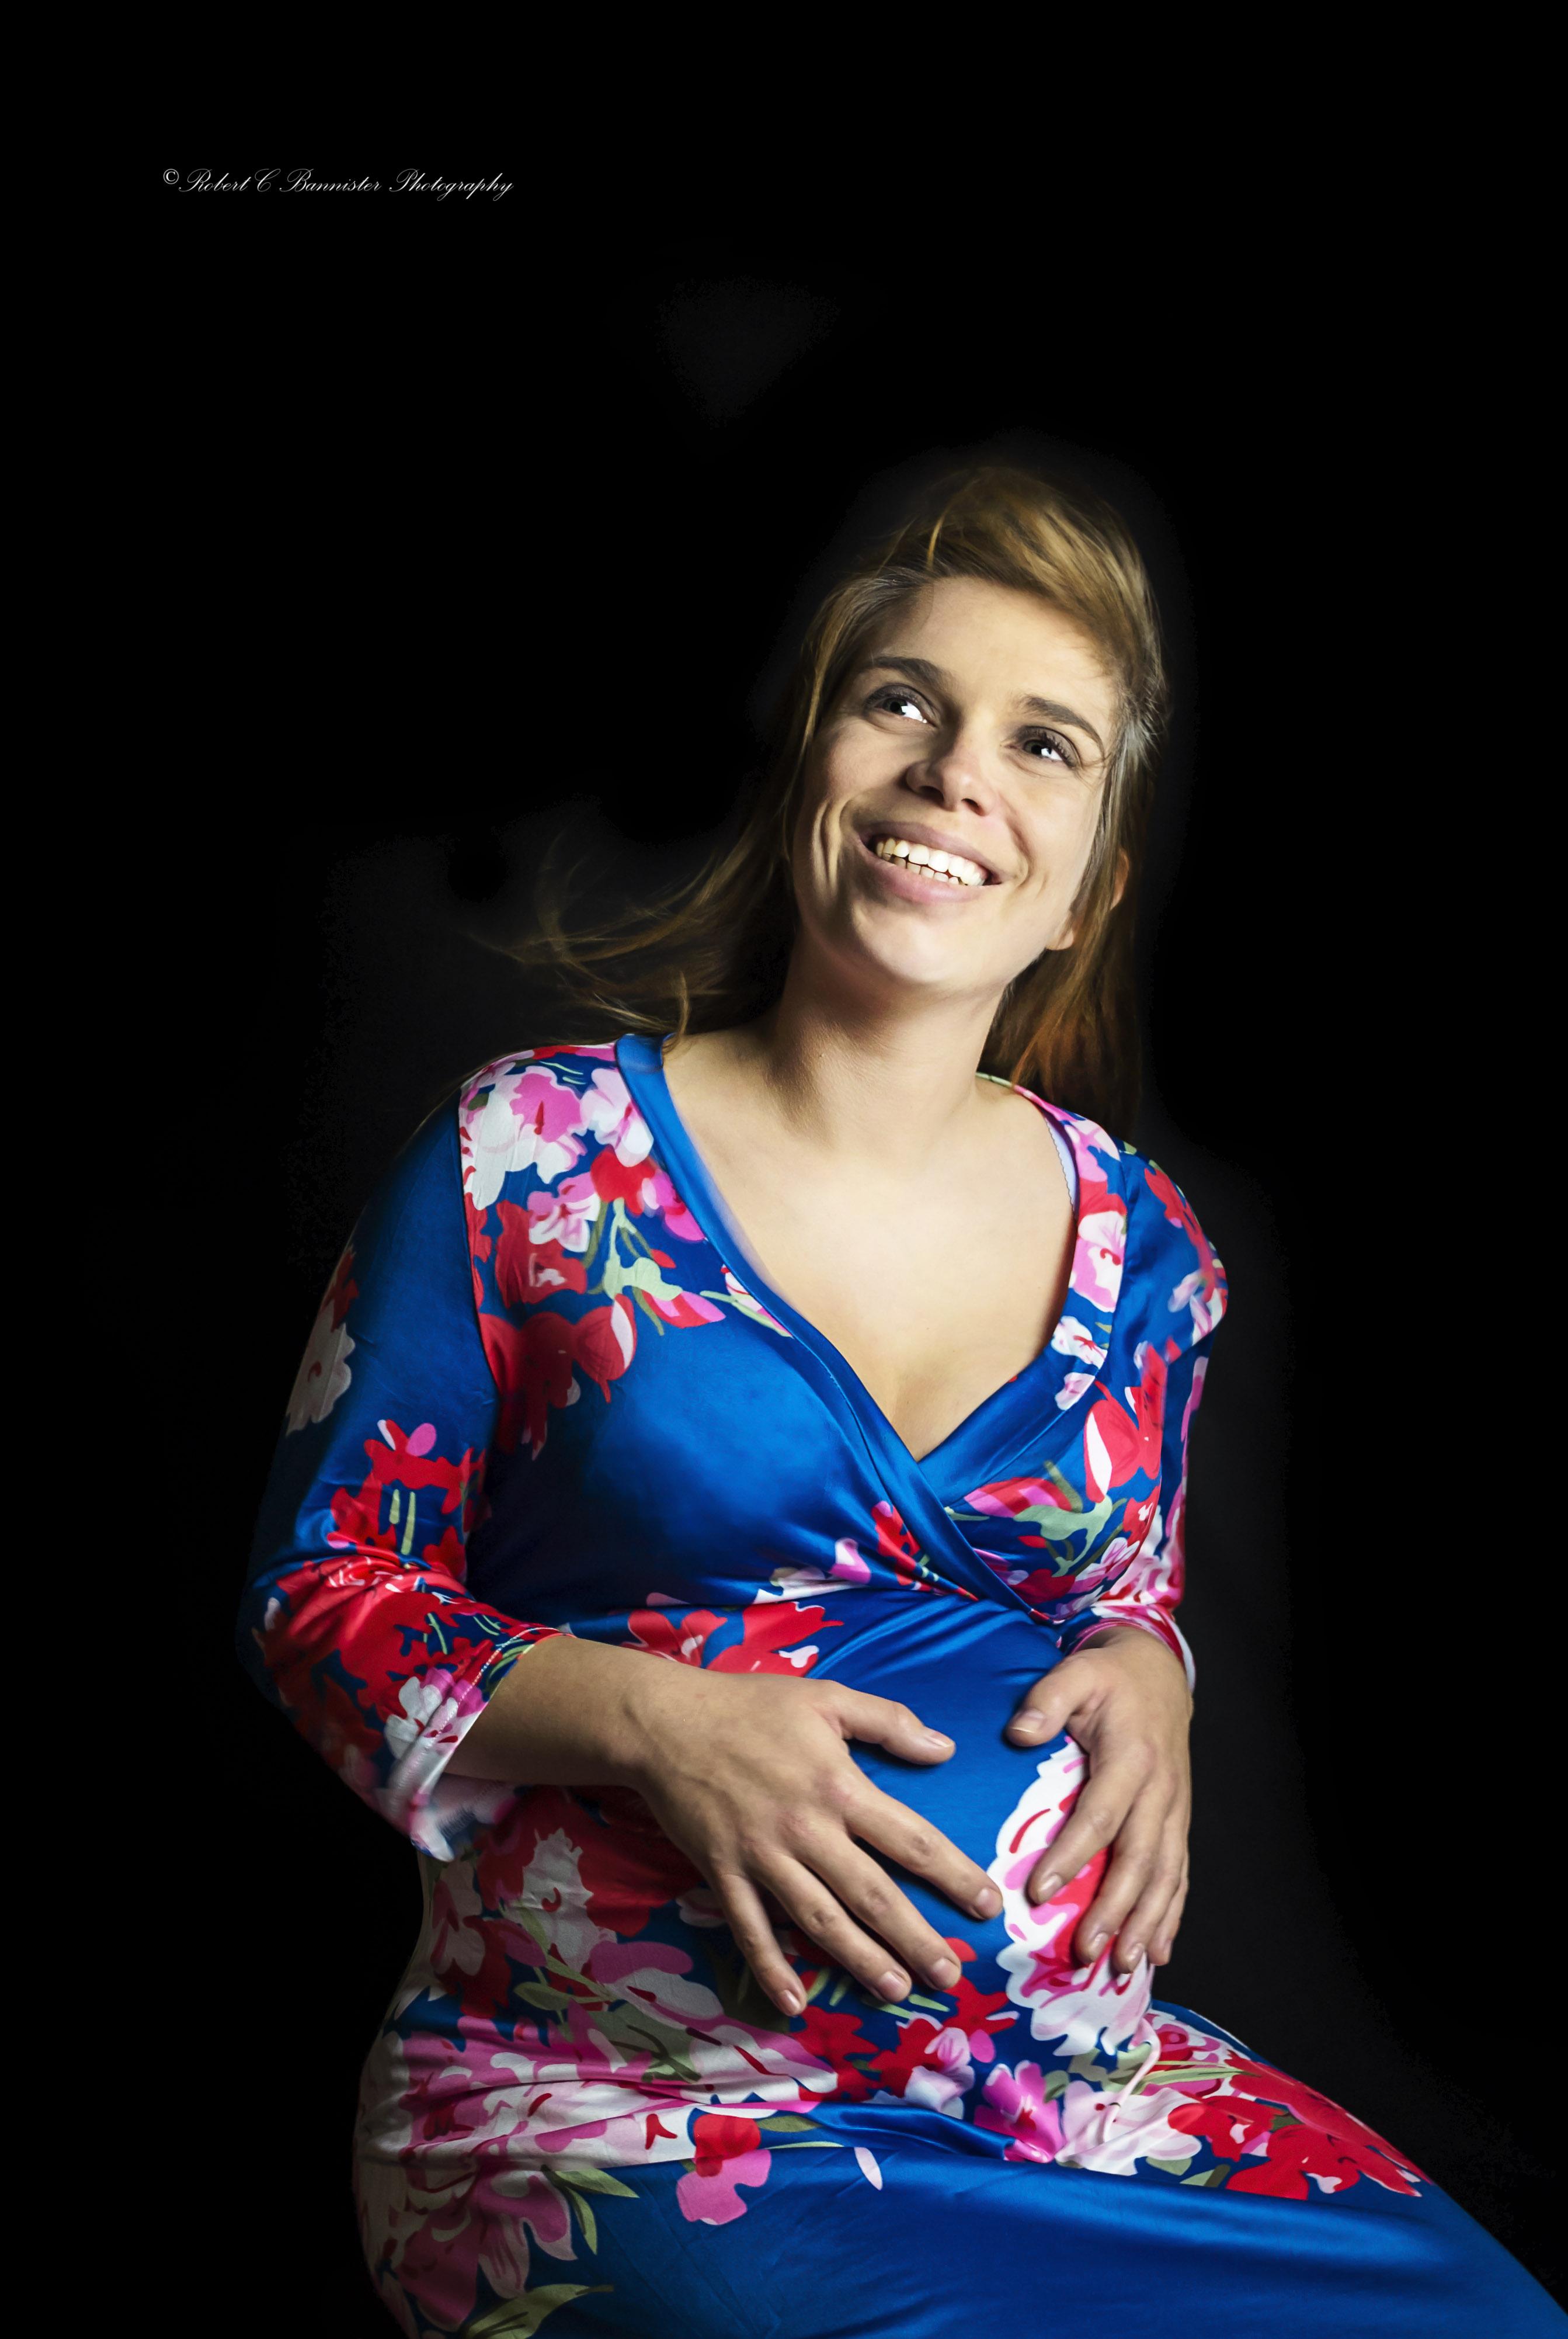 Anisia Smile